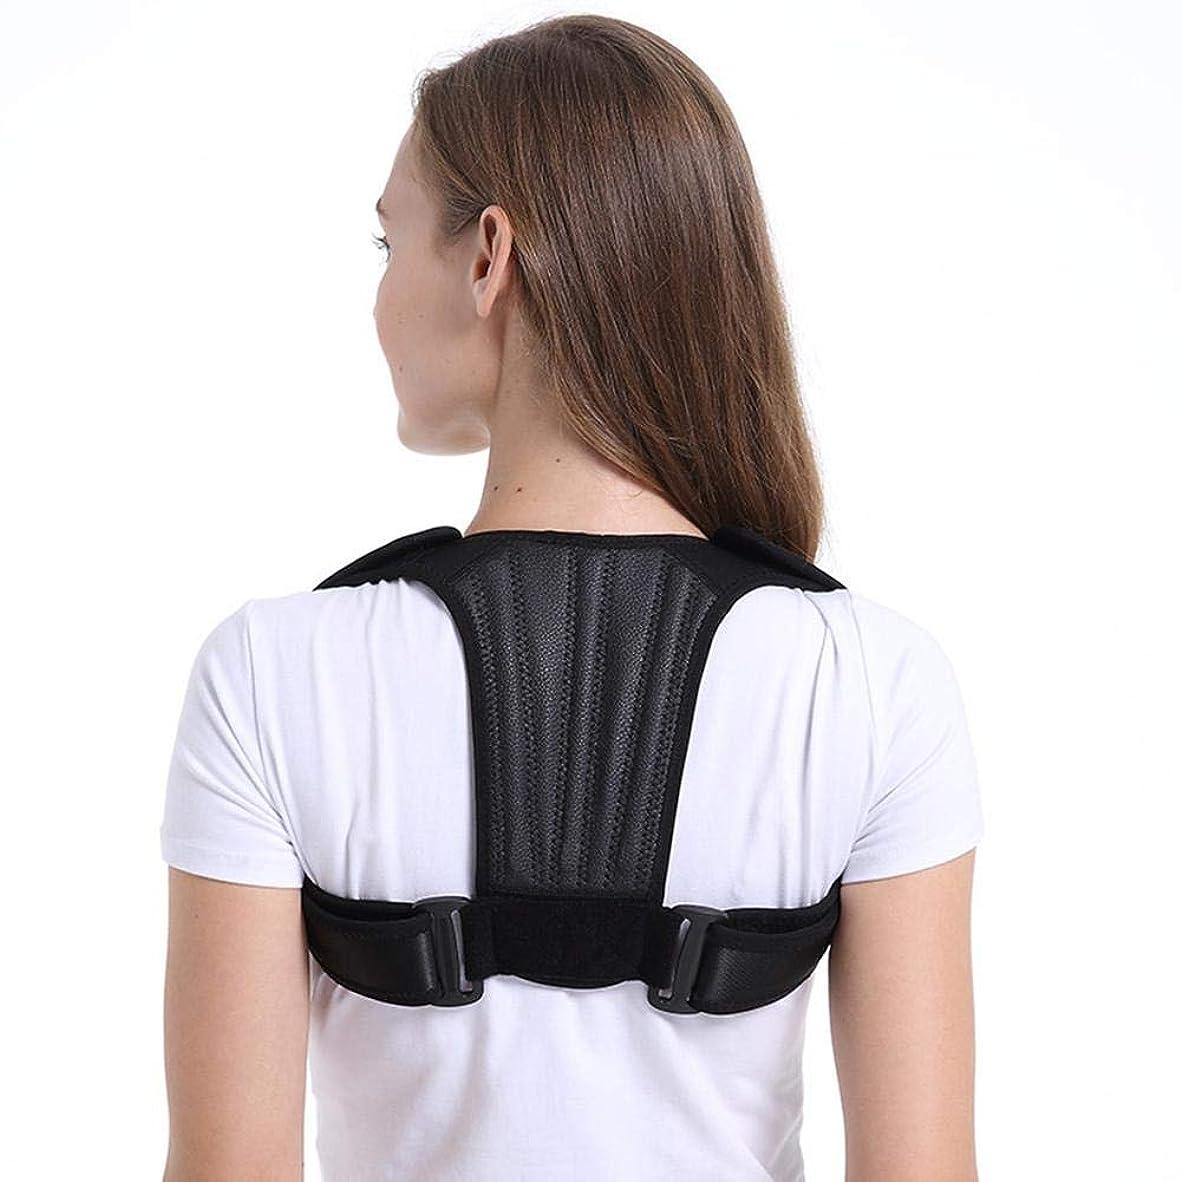 洋服勝つトピックBrill(ブリーオ)姿勢矯正器姿勢トレーナーストレイテナー健康で直立した姿勢のための伸縮性のある通気性ストレイテナー